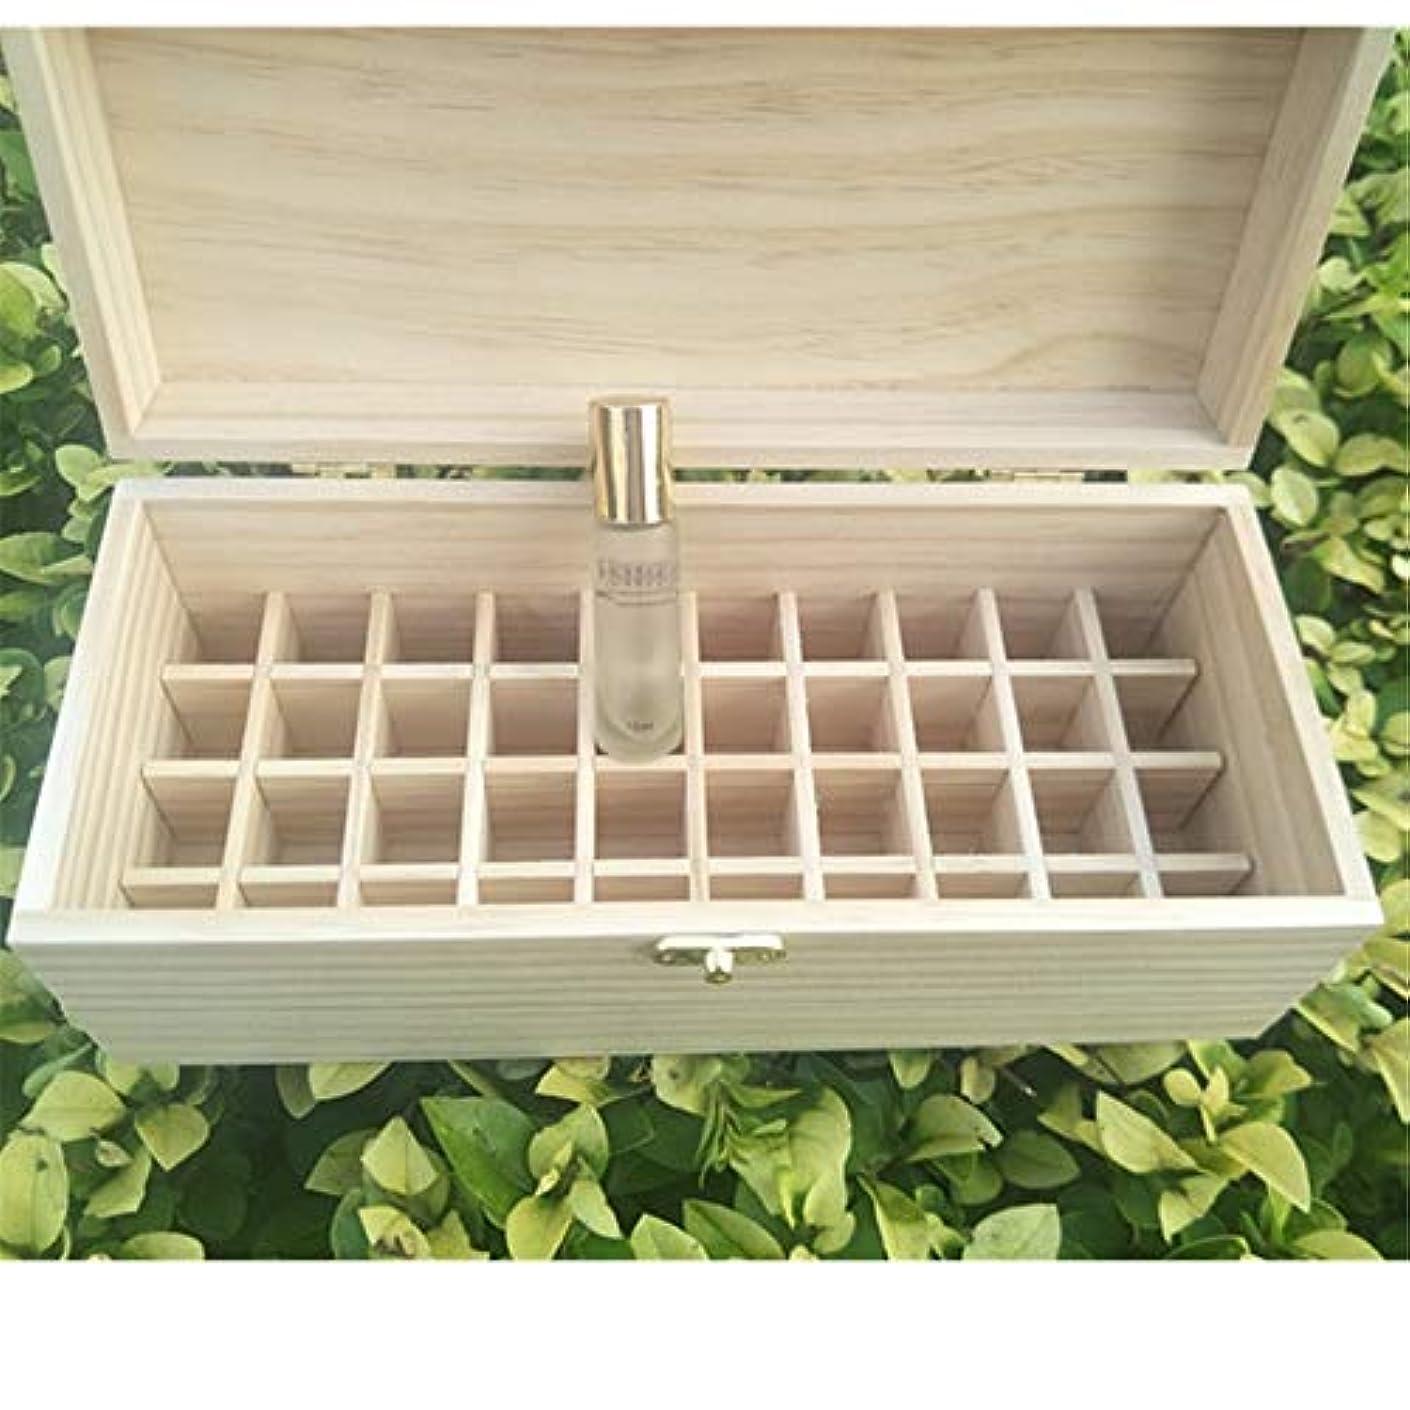 本会議不十分な悲鳴40スロット木製エッセンシャルオイルの収納ボックスは40の10mlの油のボトルを保持します アロマセラピー製品 (色 : Natural, サイズ : 27X11.5X10.3CM)